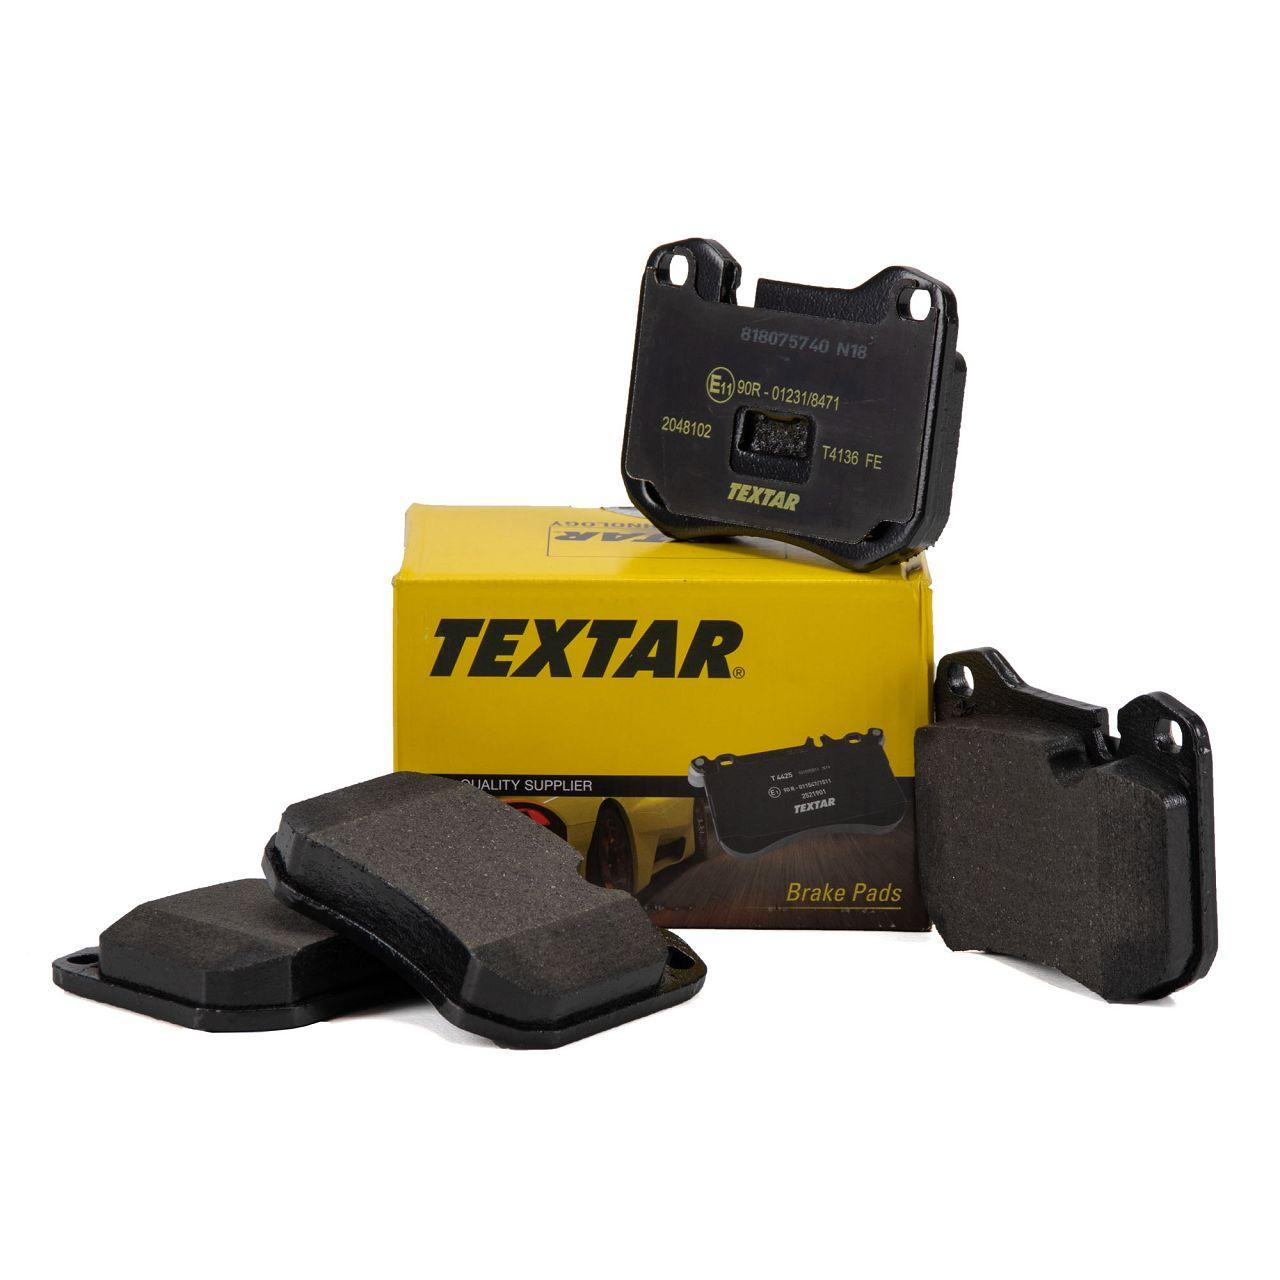 TEXTAR Bremsbeläge PORSCHE 924 2.0 2.5 S + 928 4.5 + 944 2.5 / S 2.7 vorne